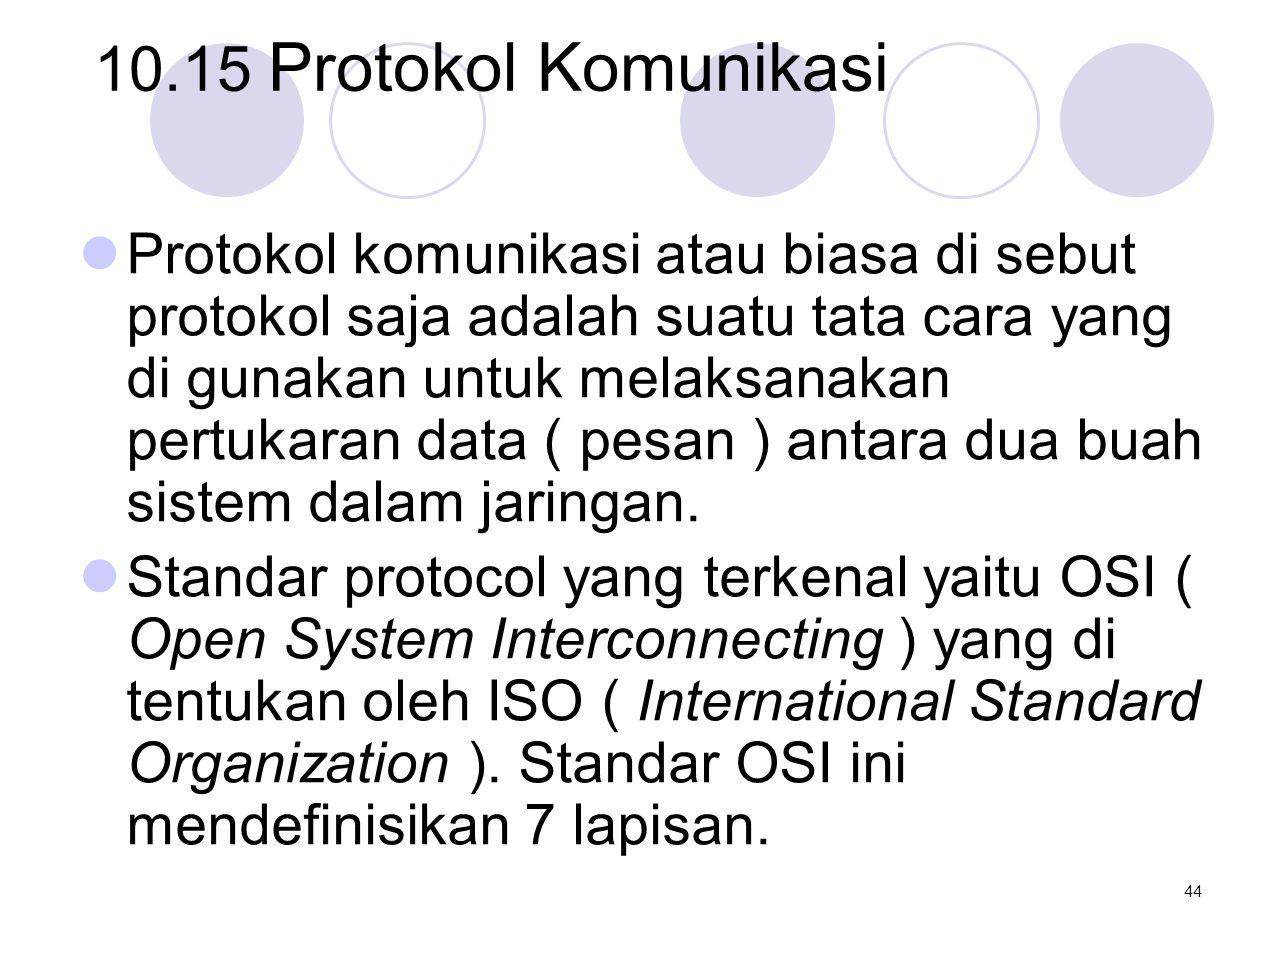 10.15 Protokol Komunikasi  Protokol komunikasi atau biasa di sebut protokol saja adalah suatu tata cara yang di gunakan untuk melaksanakan pertukaran